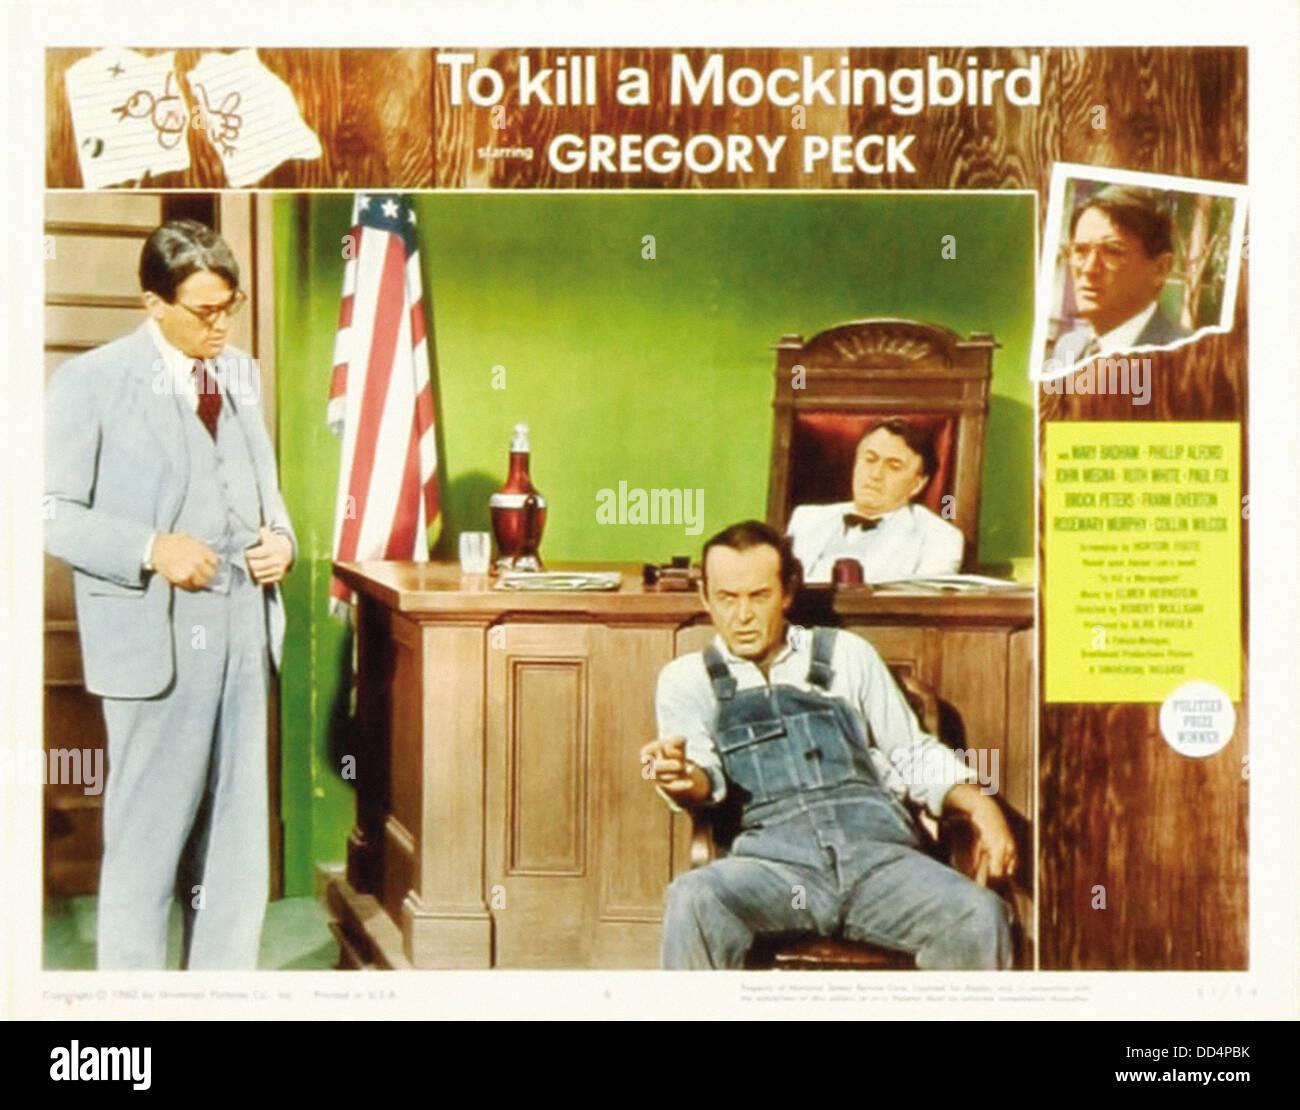 To Kill A Mockingbird Movie Stock Photos & To Kill A